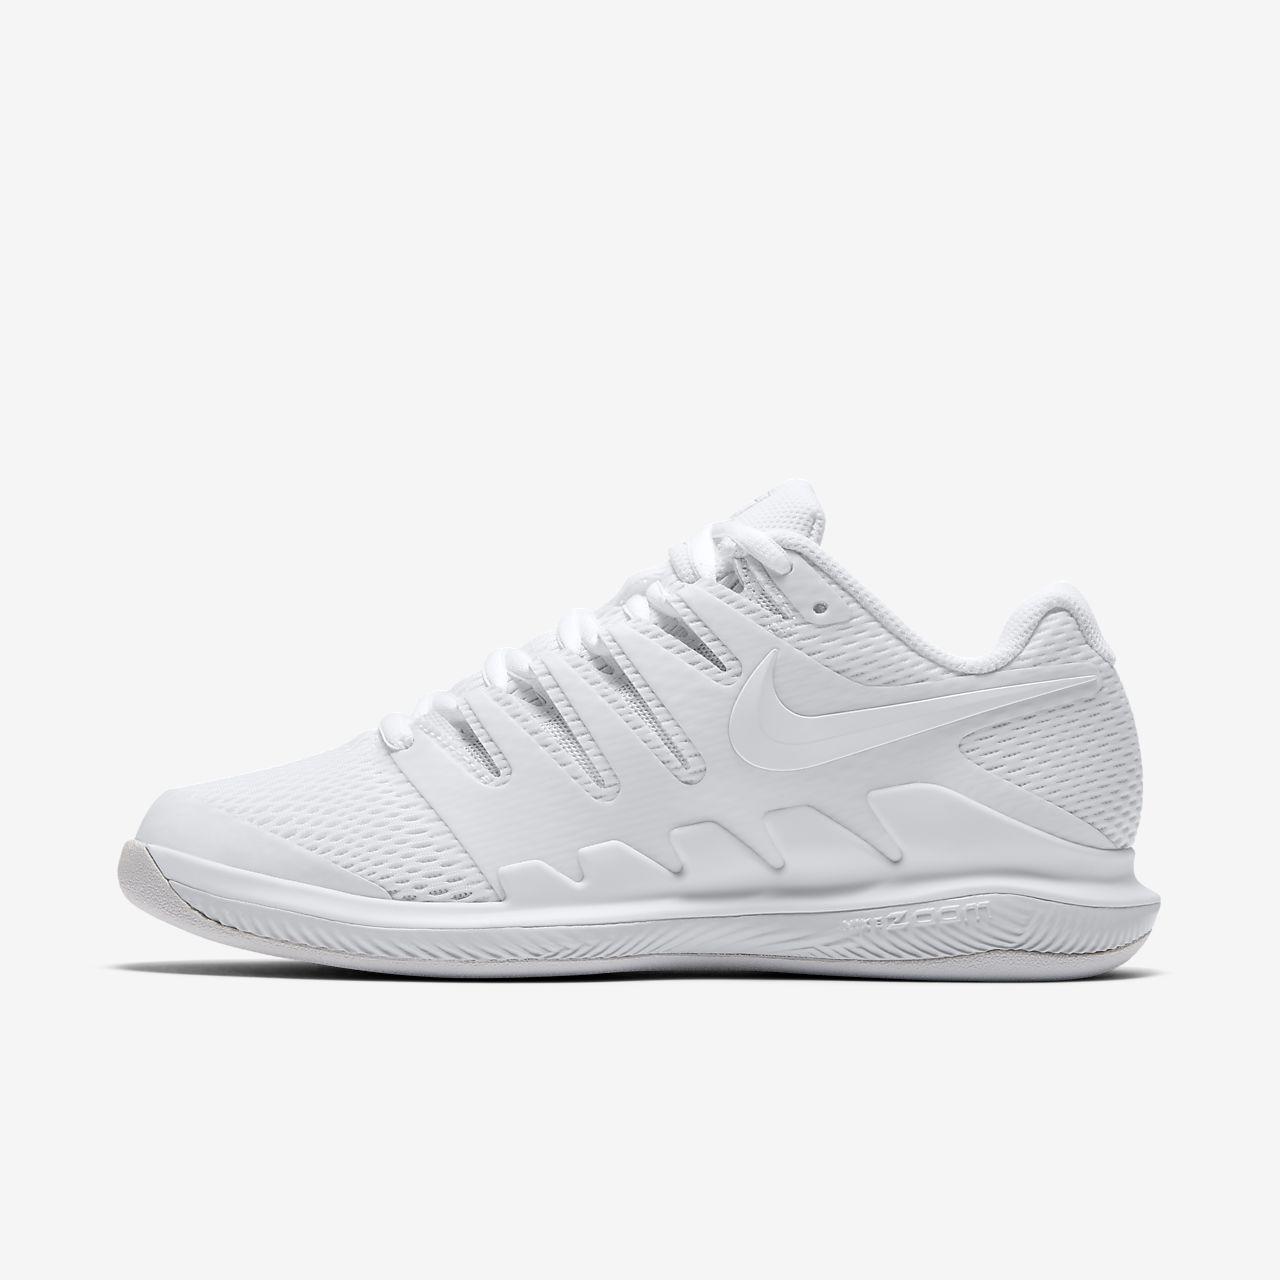 Chaussure de tennis Nike Air Zoom Vapor 10 Carpet pour Femme